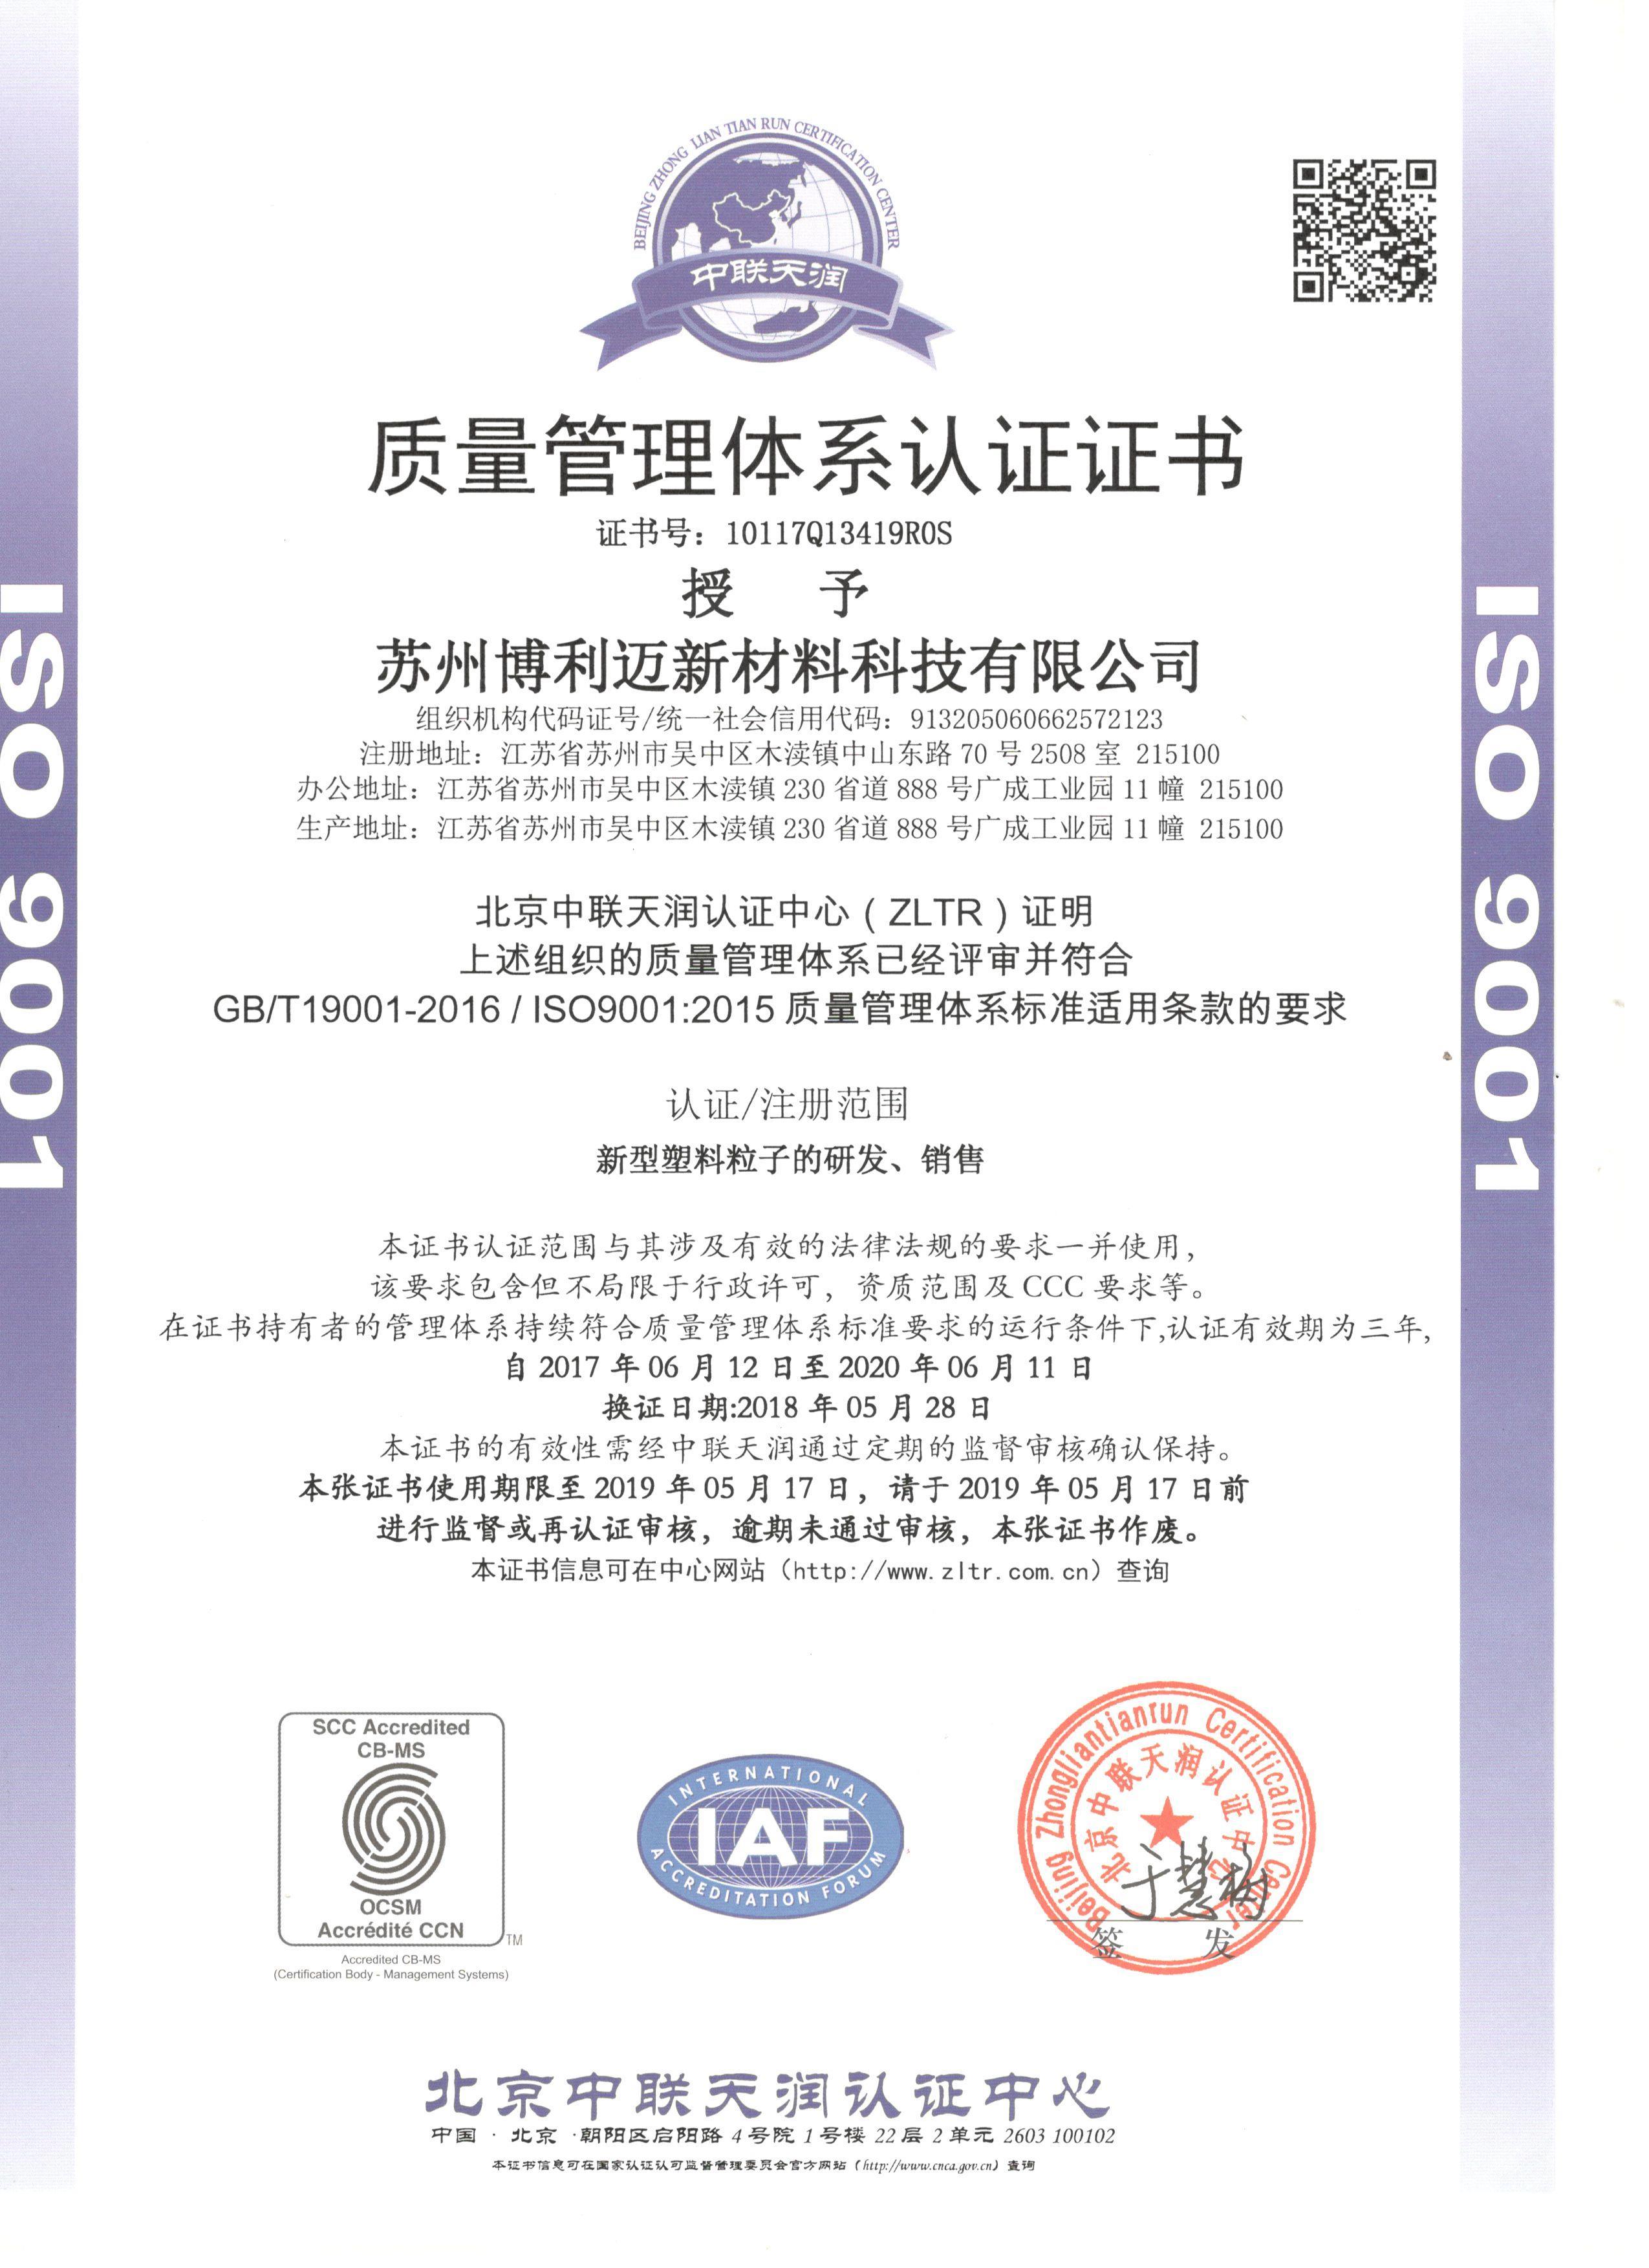 蘇州博利邁新材料科技ISO9001中文版2018年